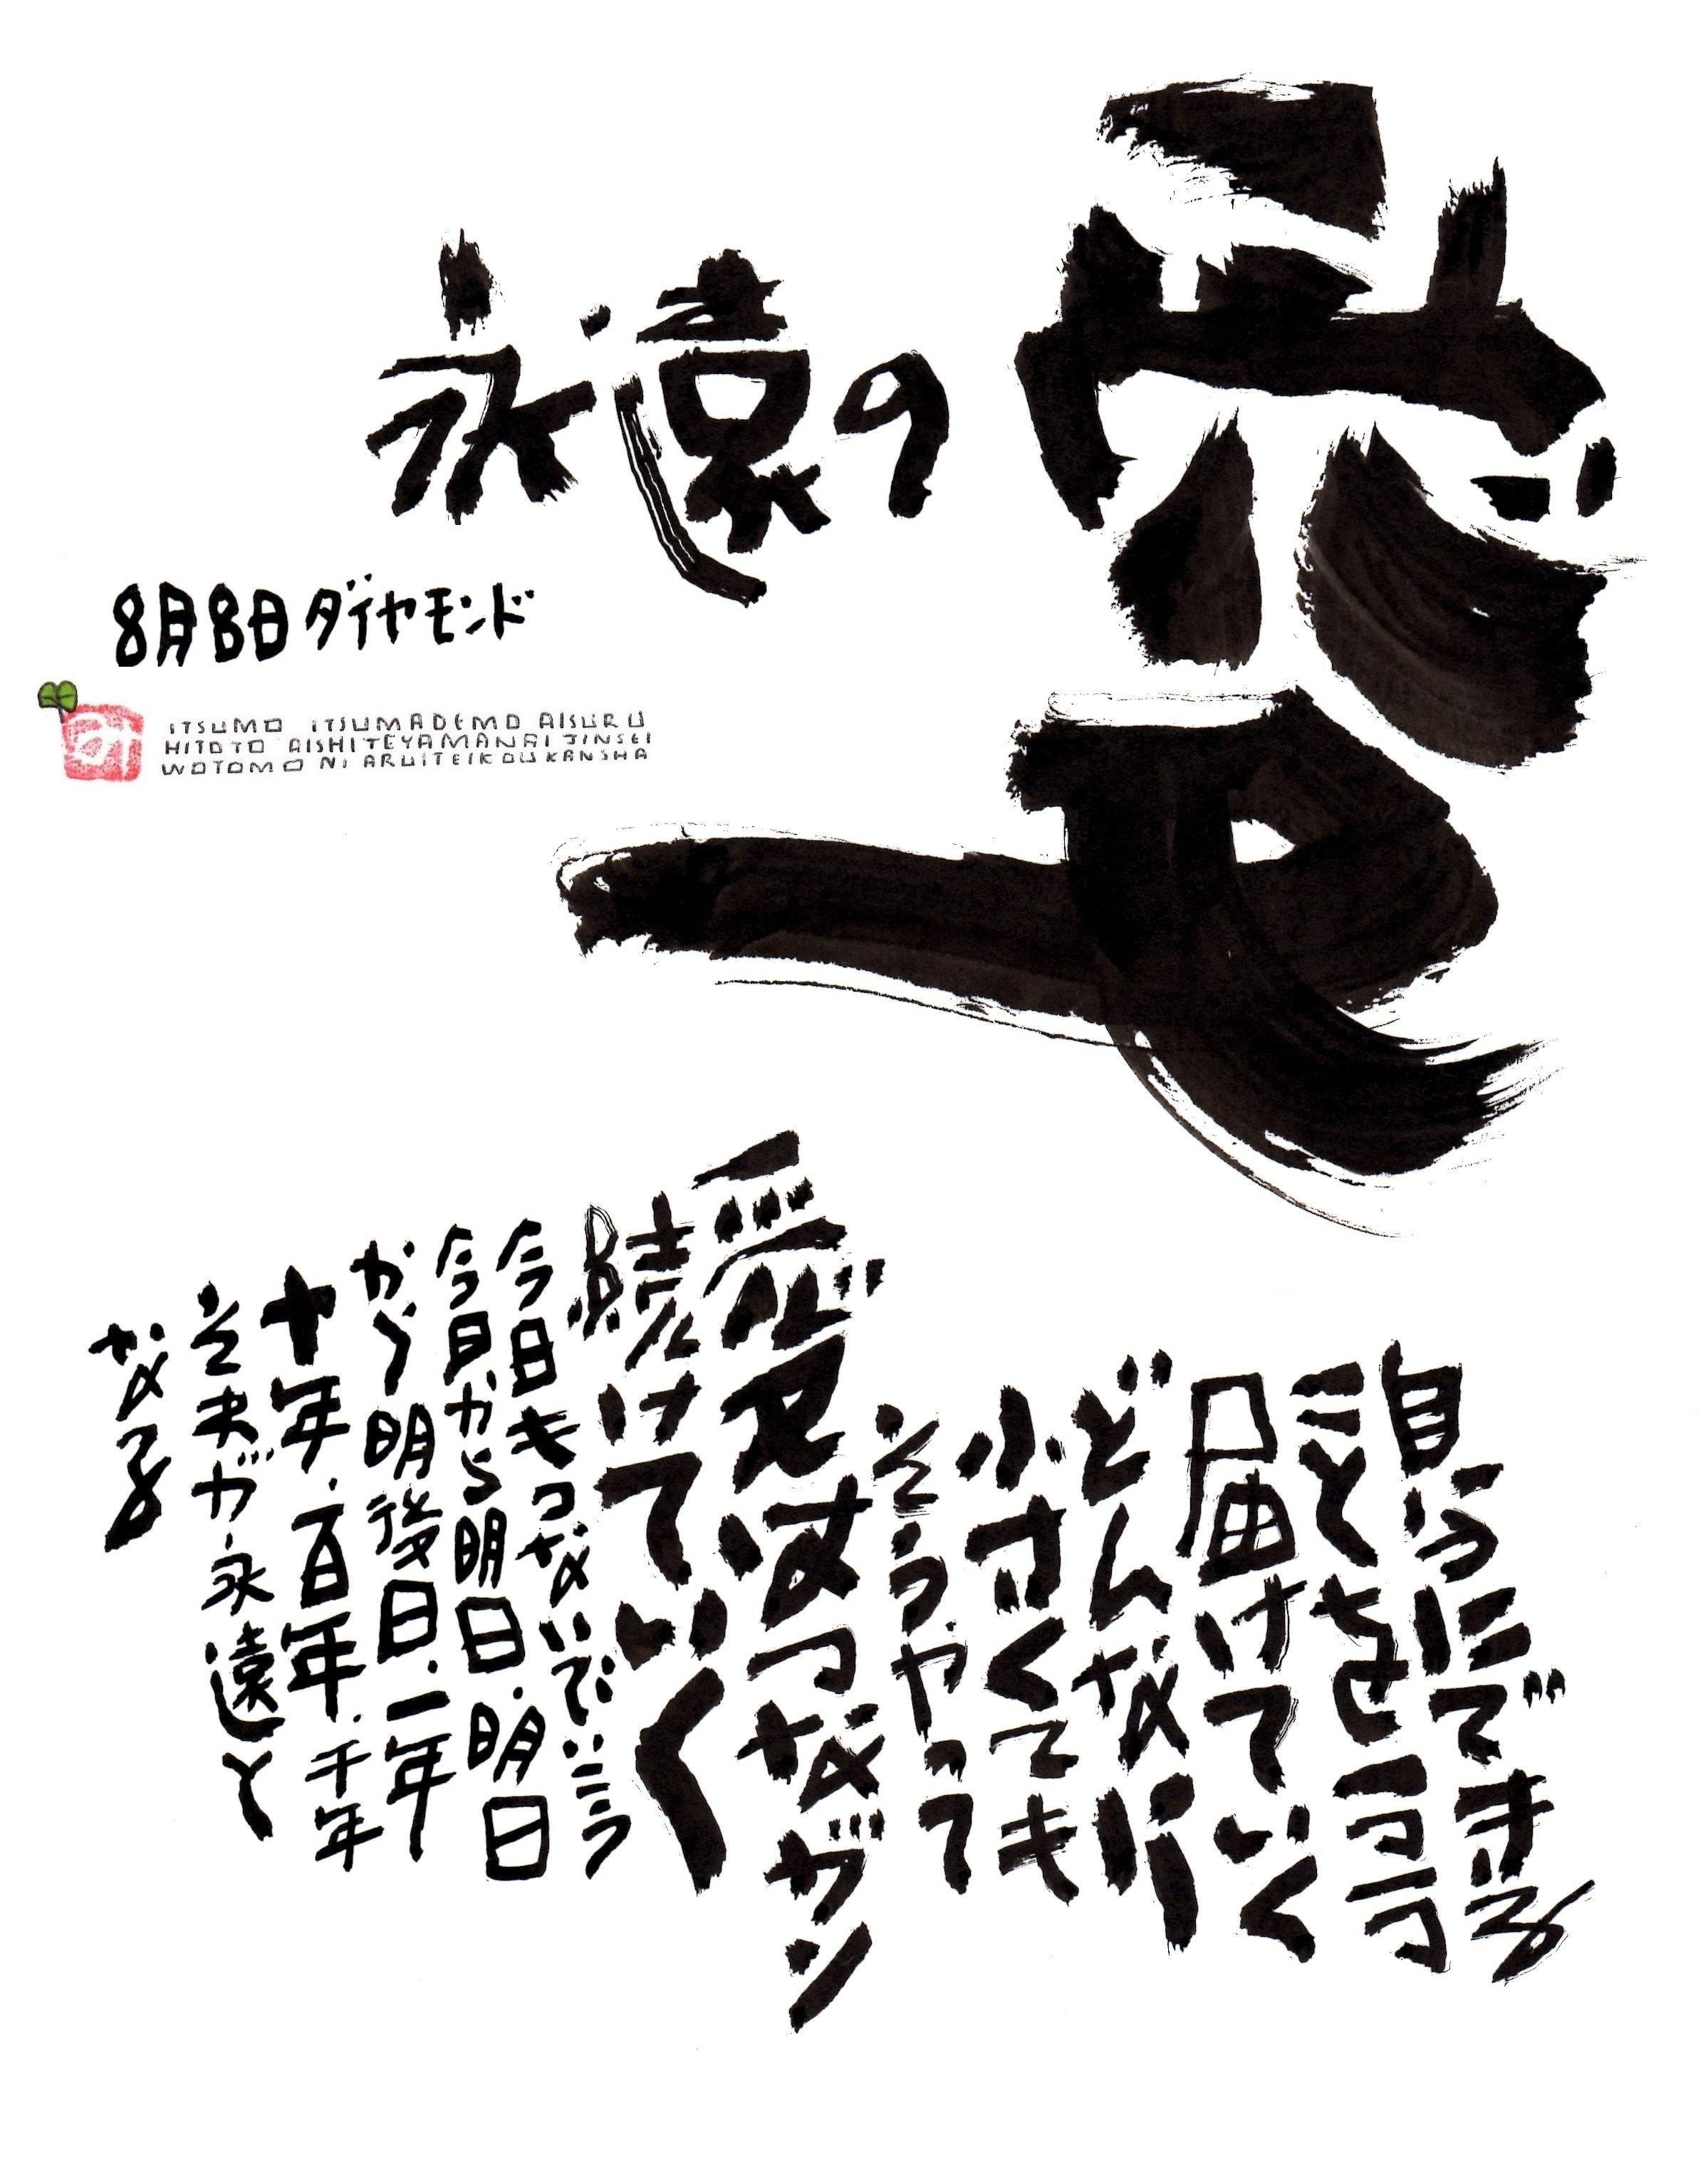 8月8日 結婚記念日ポストカード【永遠の愛】